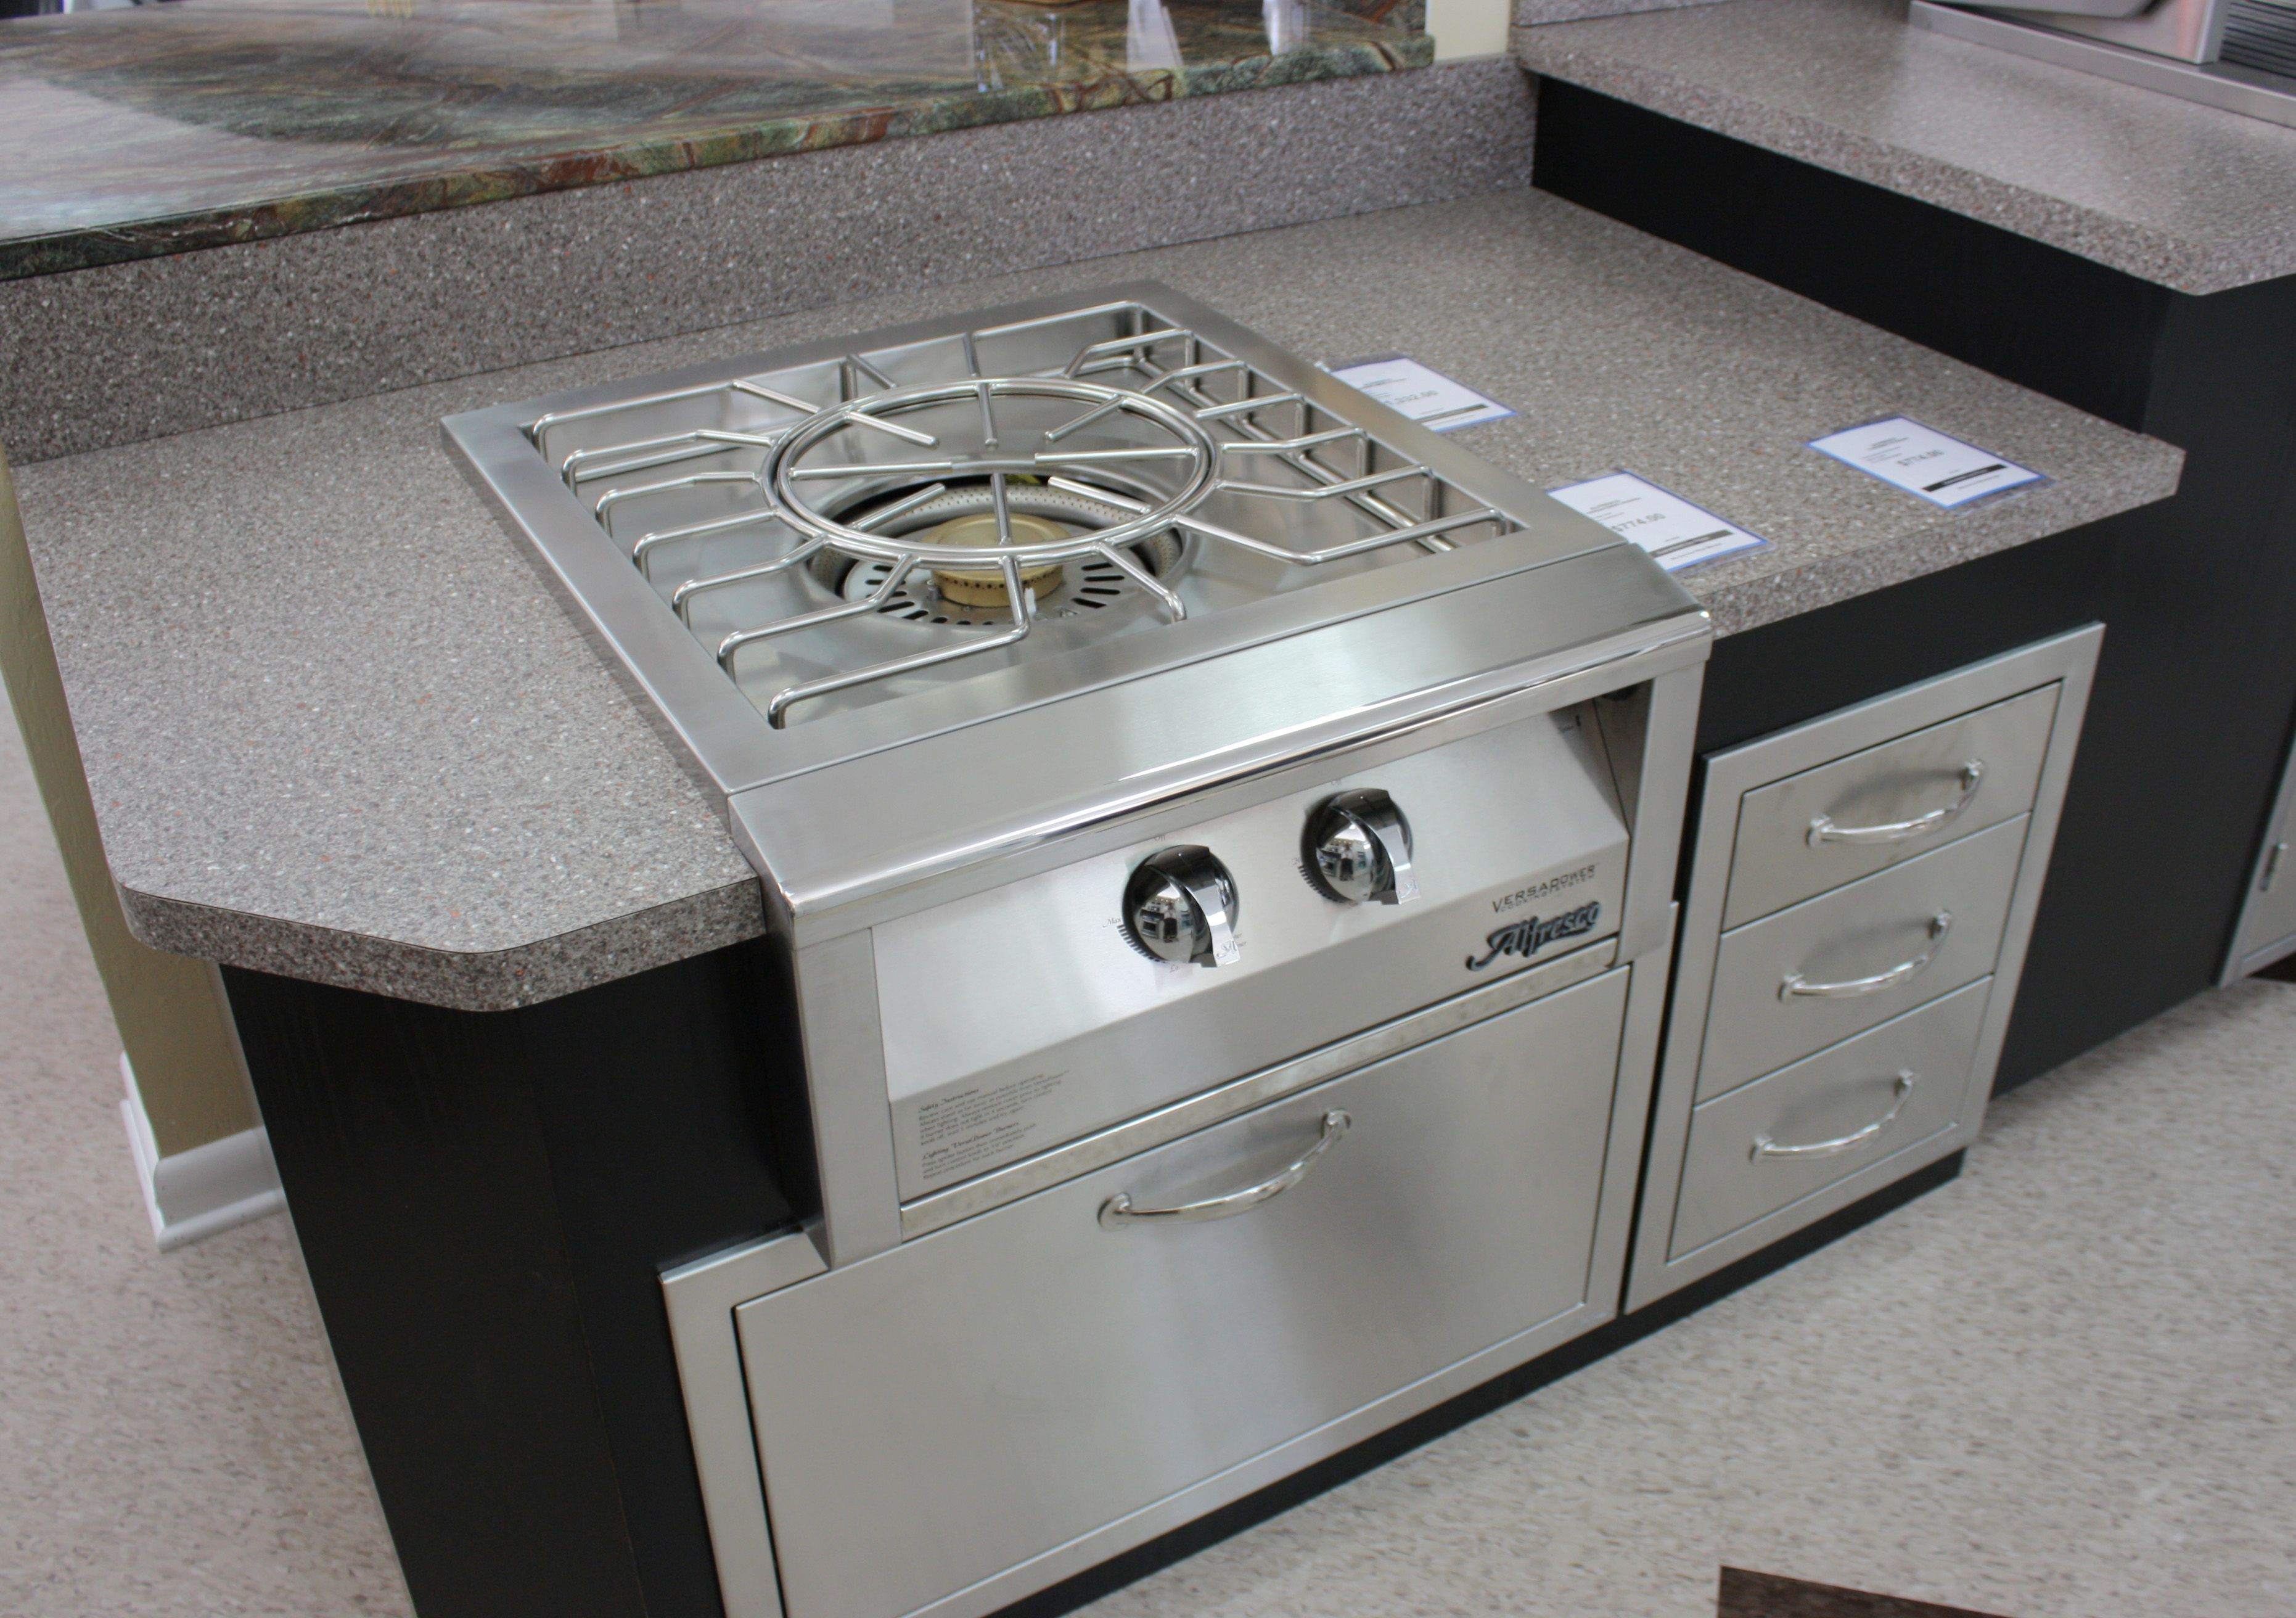 Huge Outdoor Burner From Alfresco Outdoor Kitchen Wok Stir Fry Outdoor Kitchen Kitchen Home Tech